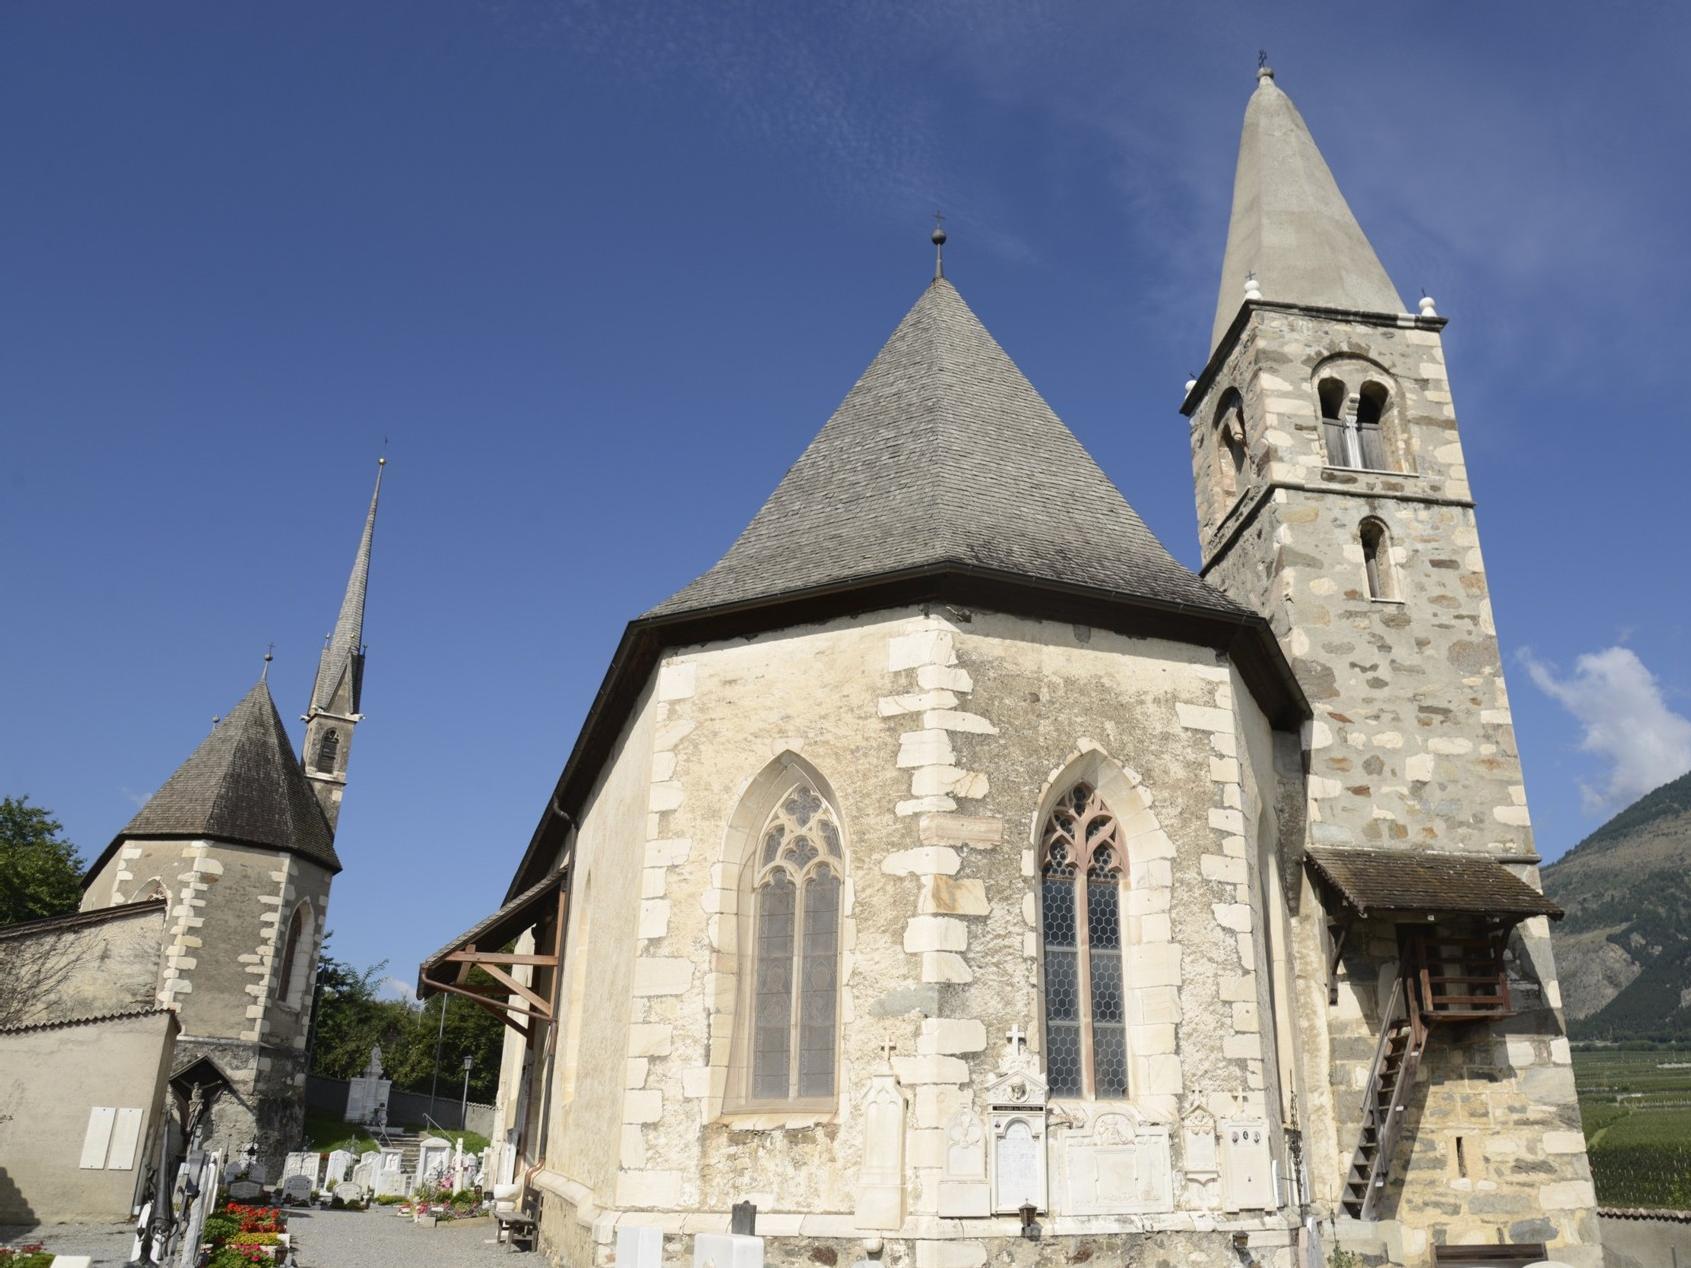 St. Martin Kirche, Göflan